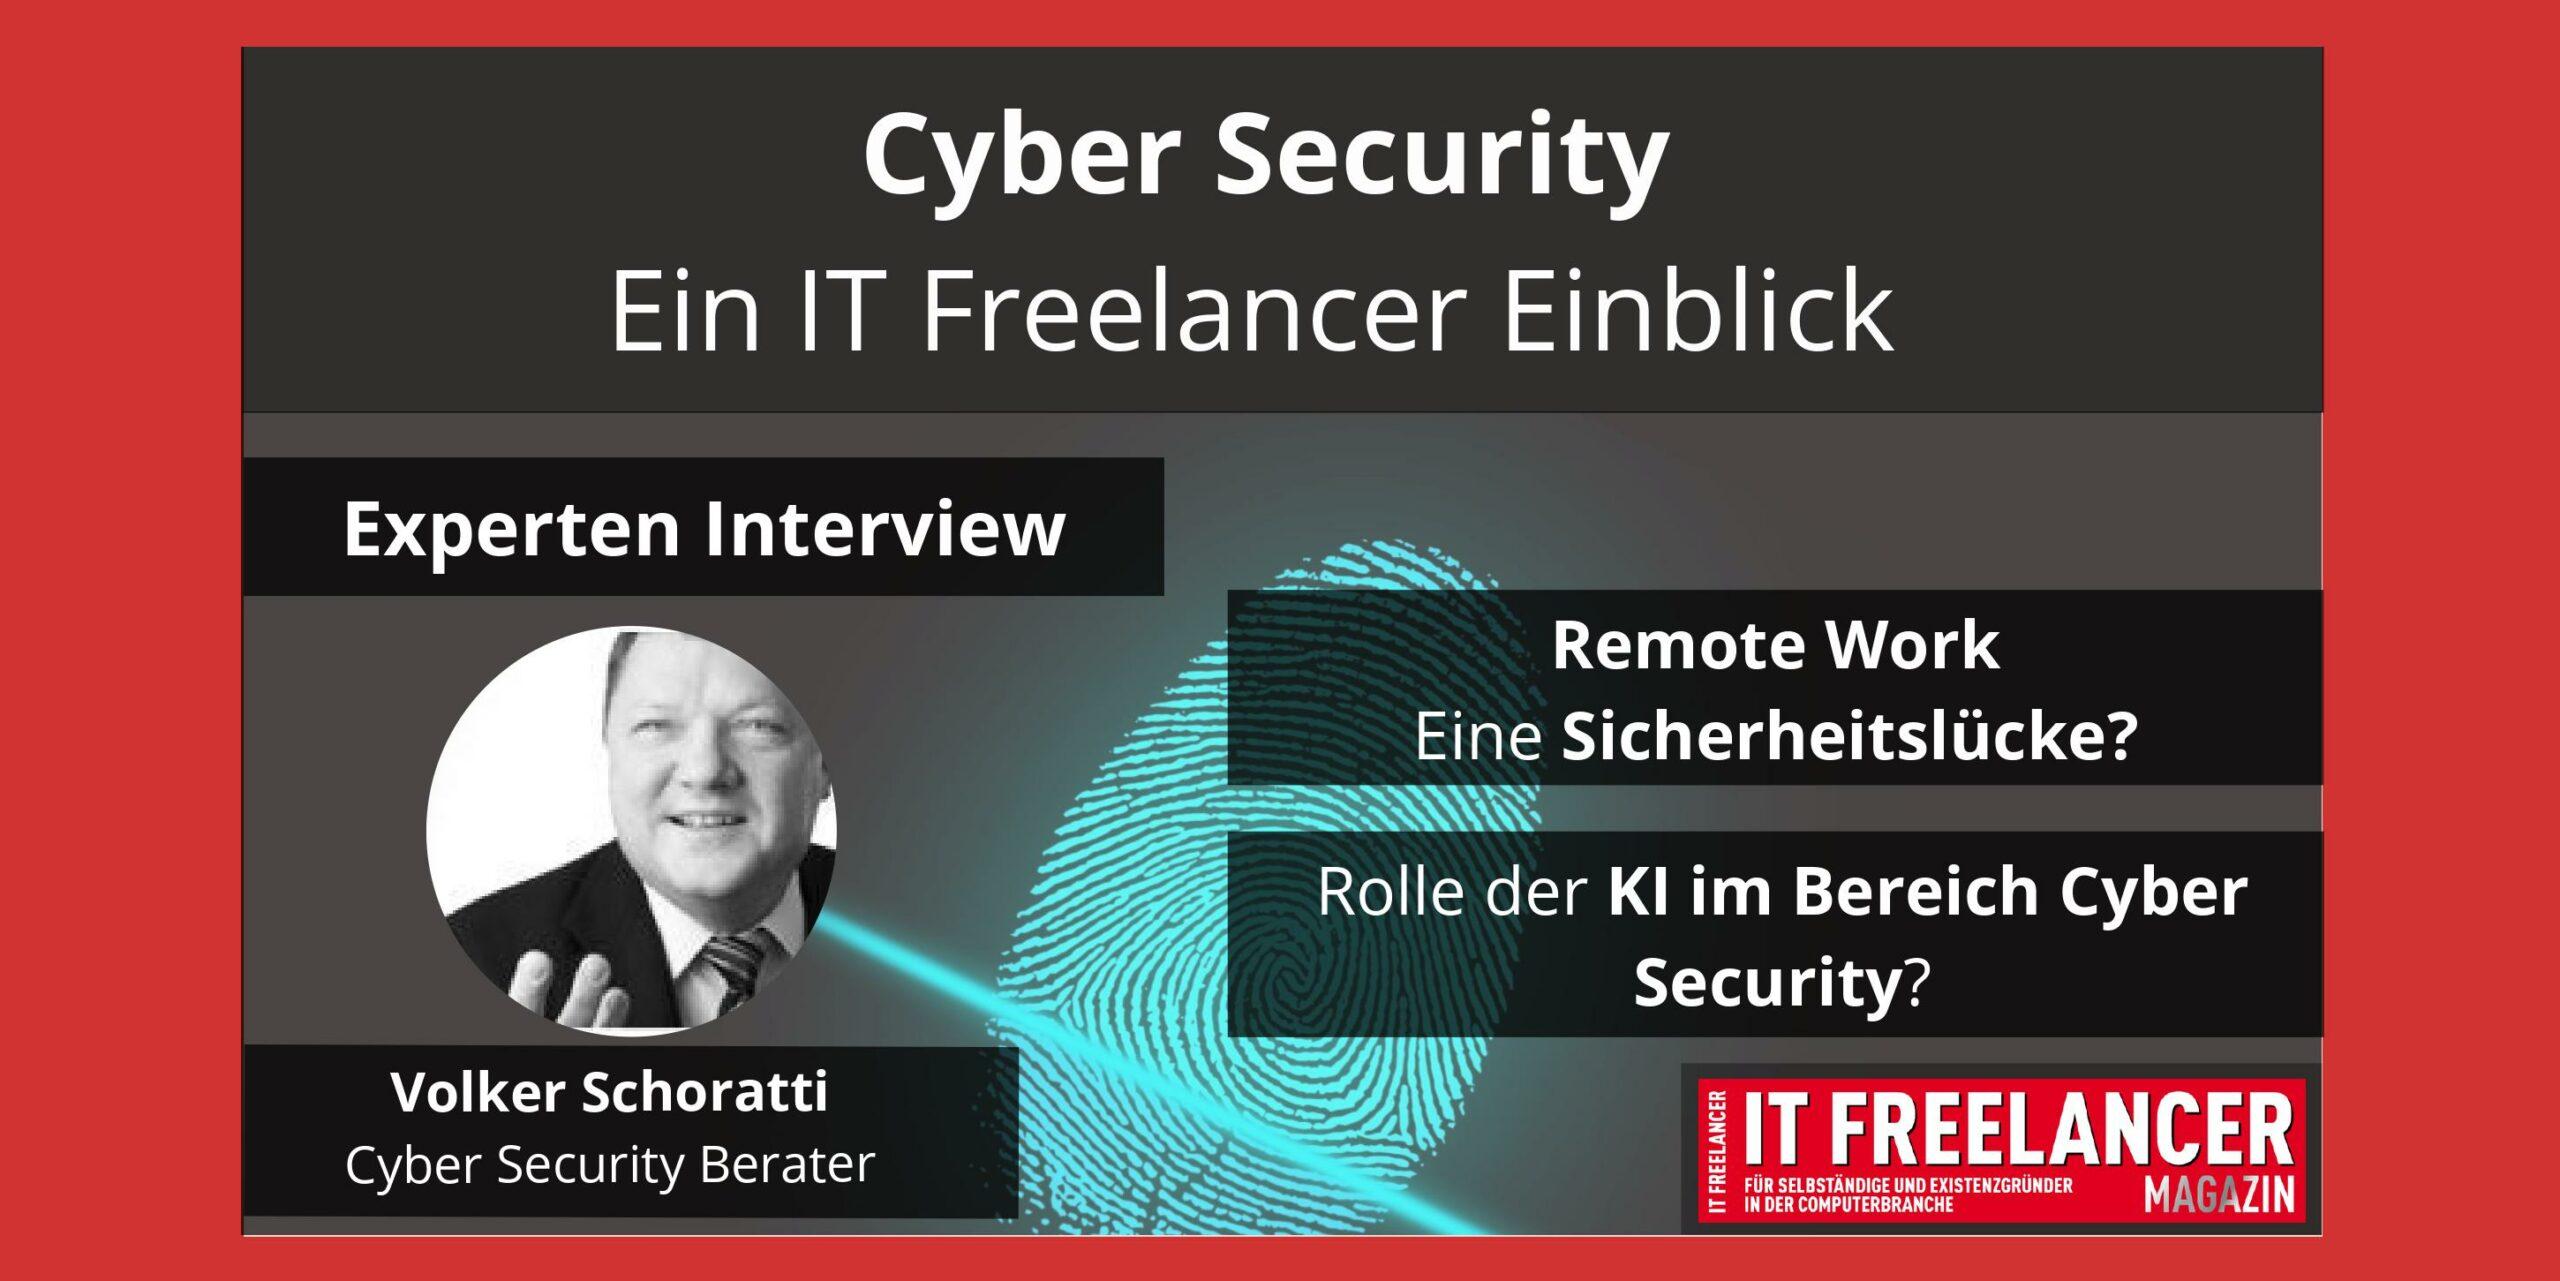 Experteninterview Cyber Security_Volker Schoratti_IT Freelancer